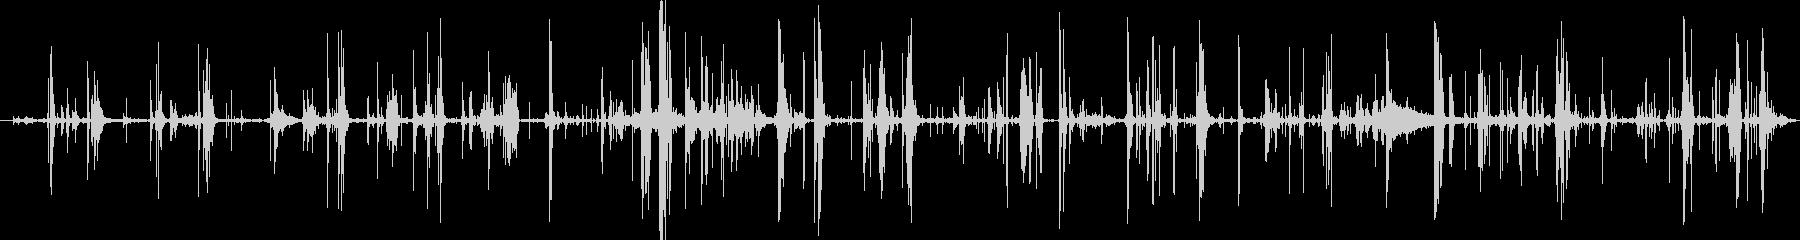 モンスター 肉食06の未再生の波形